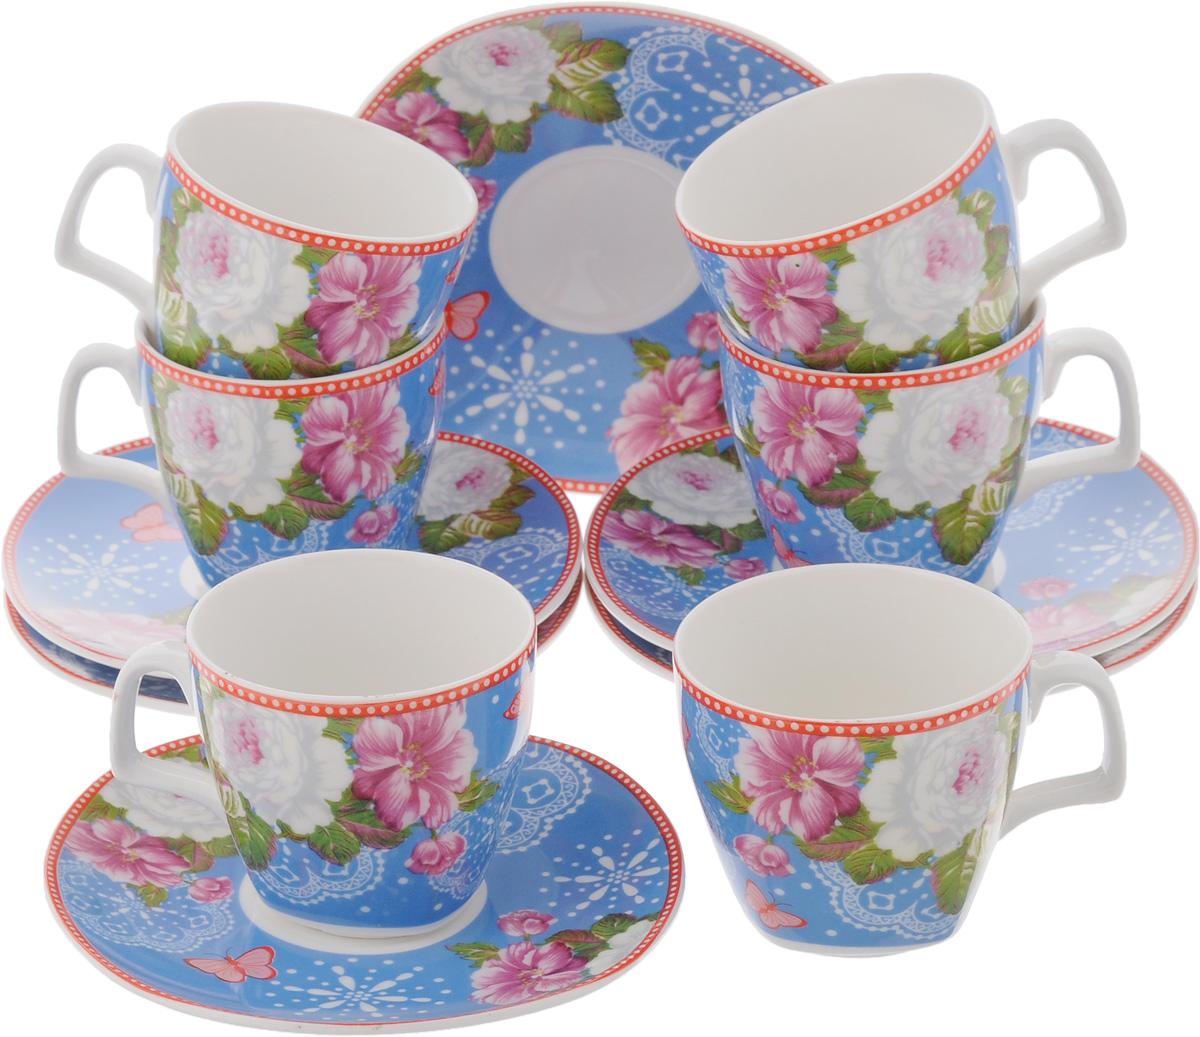 Набор кофейный Loraine Розы, 12 предметов24757Кофейный набор Loraine Розы состоит из 6 чашек и 6 блюдец. Изделия выполнены извысококачественного фарфора, имеют яркийдизайн и классическую круглую форму.Такой набор прекрасно подойдет как дляповседневного использования, так идля праздников.Набор Loraine Розы - это нетолько яркий и полезный подарок для родных иблизких, а также великолепное дизайнерскоерешение для вашей кухни или столовой.Диаметр чашки (по верхнему краю): 6 см.Высота чашки: 6 см.Диаметр блюдца (по верхнему краю): 12 см. Высота блюдца: 1,5 см. Объем чашки: 80 мл.